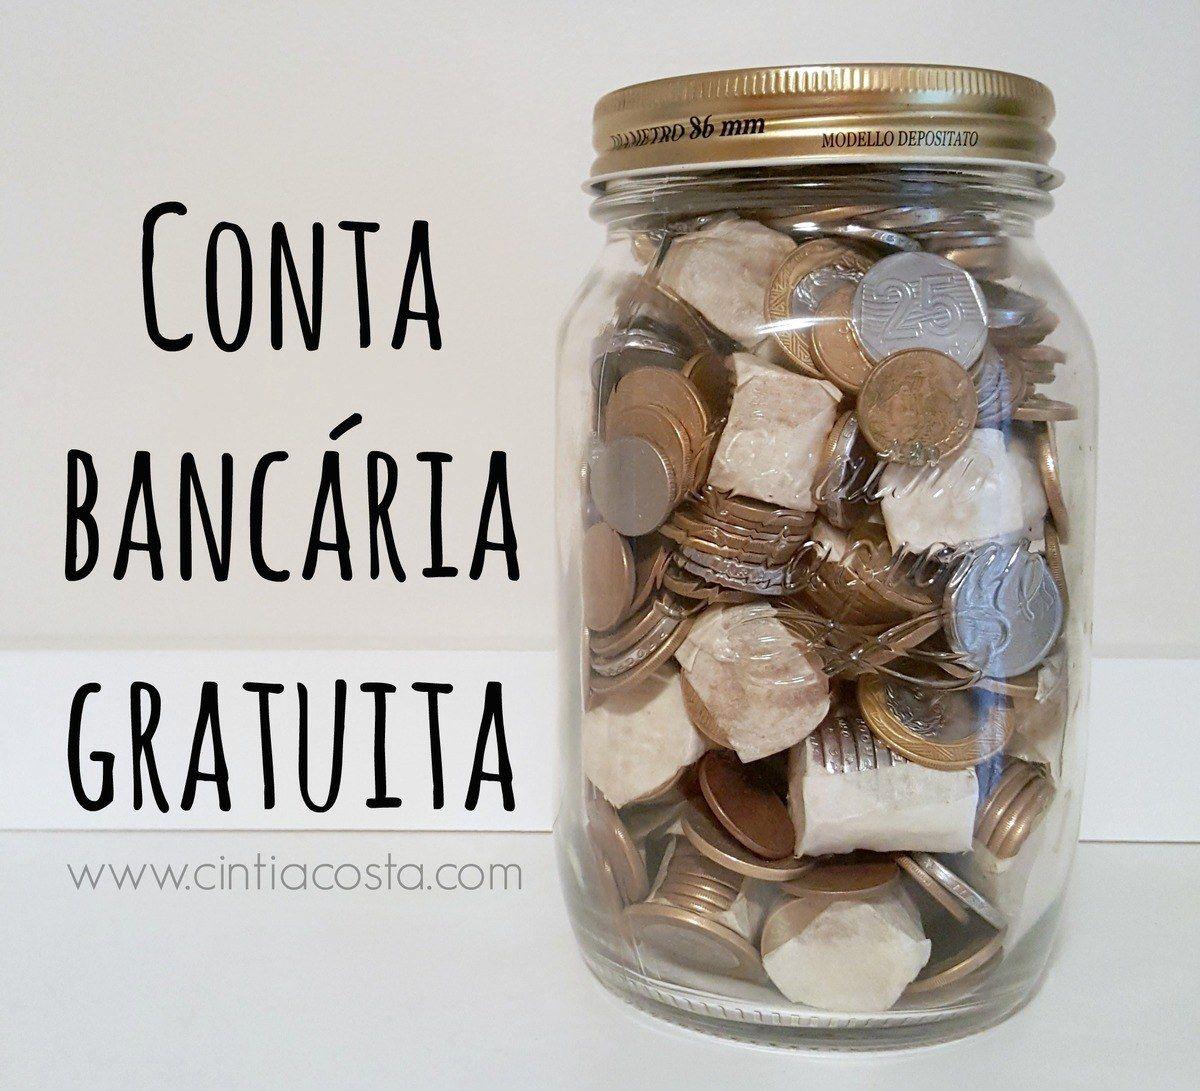 Conta bancária gratuita: como ter conta no banco sem pagar tarifa. Foto: www.cintiacosta.com